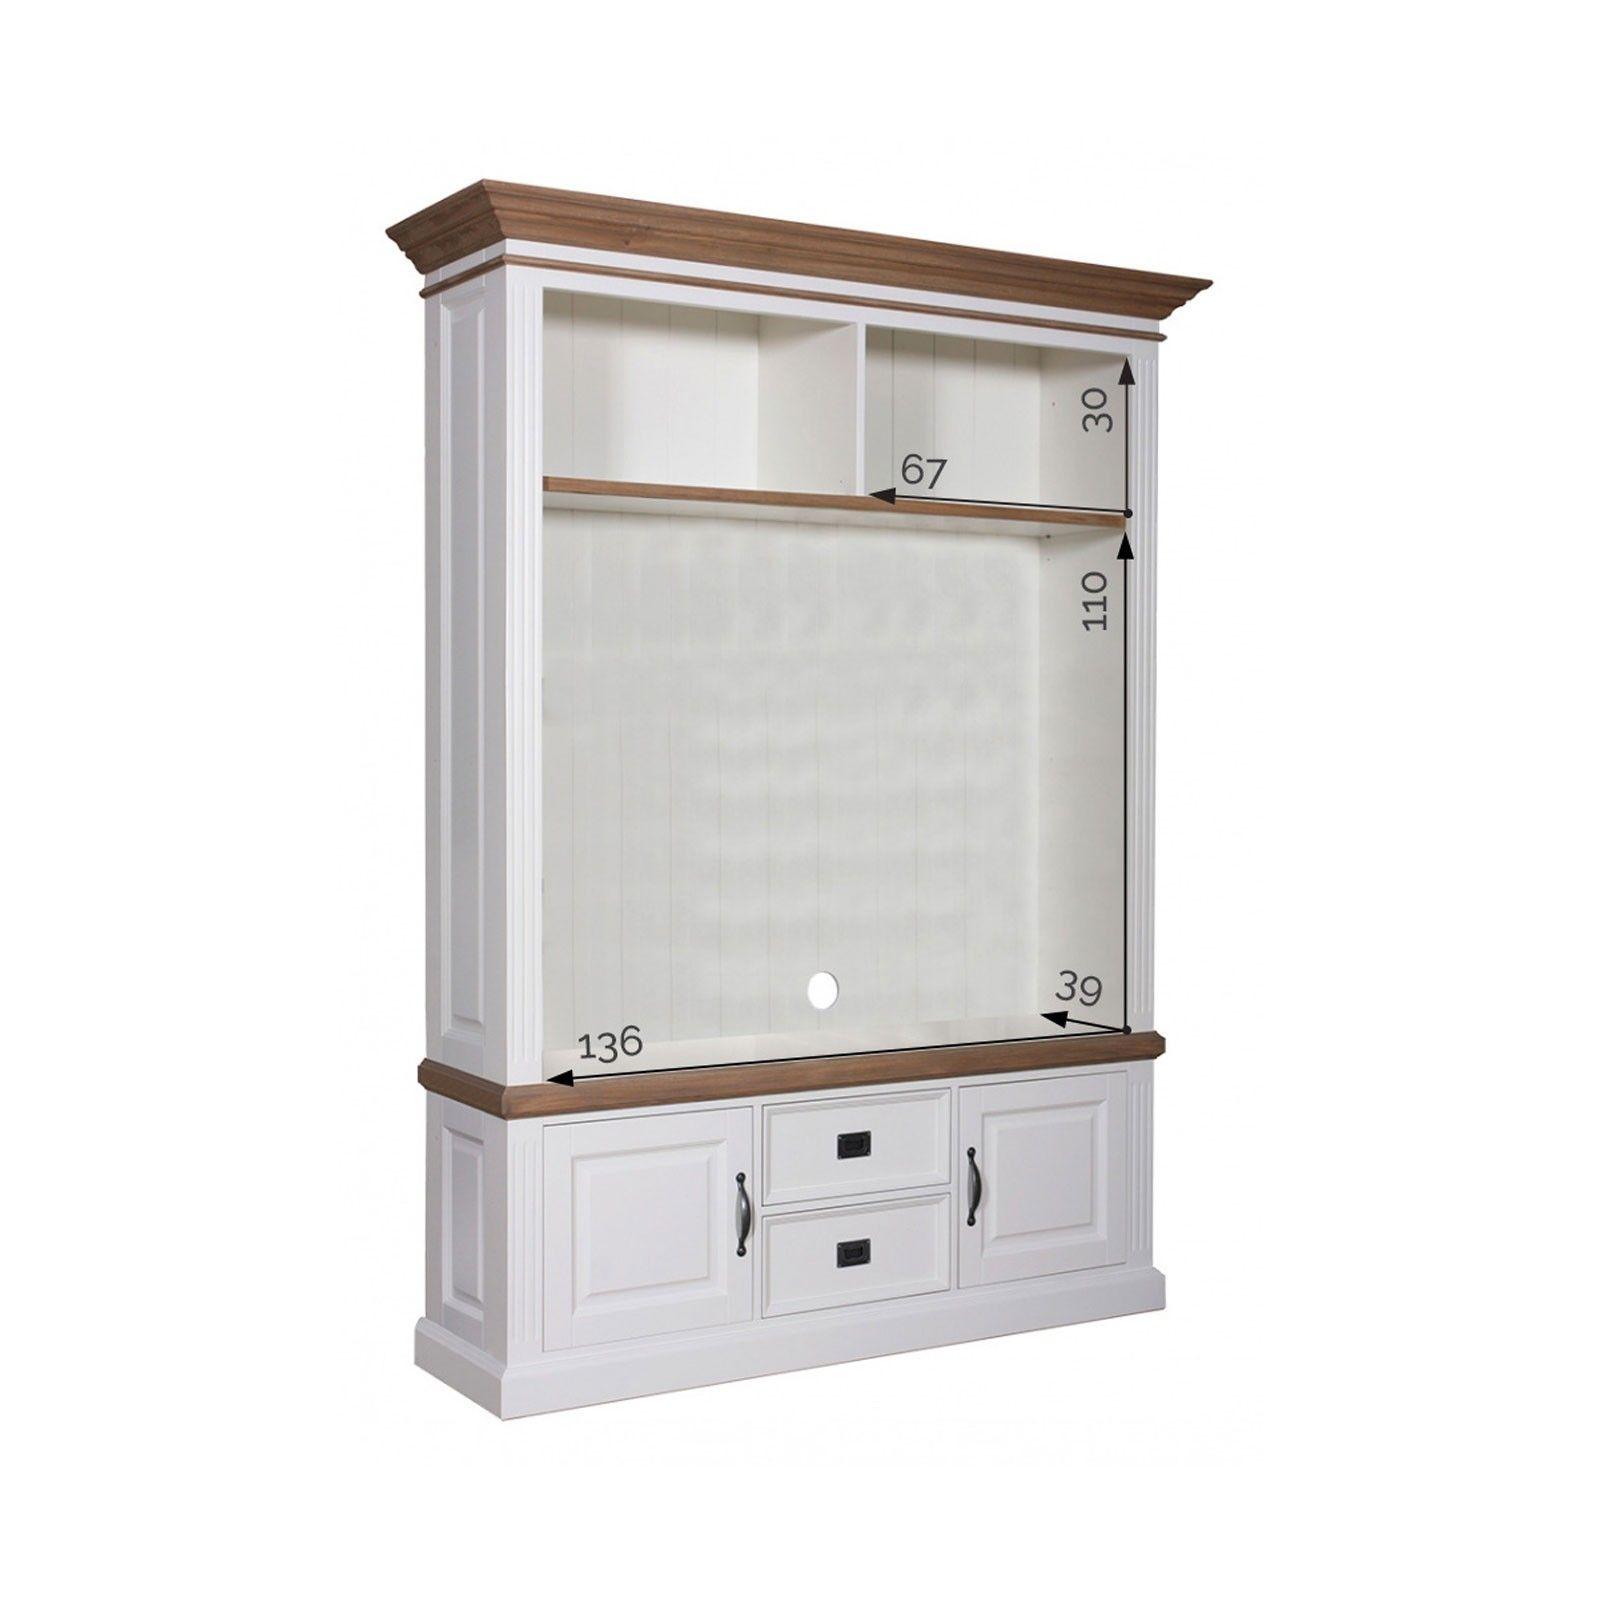 Meuble TV 2 portes 2 tiroirs avec des panneaux de bossage